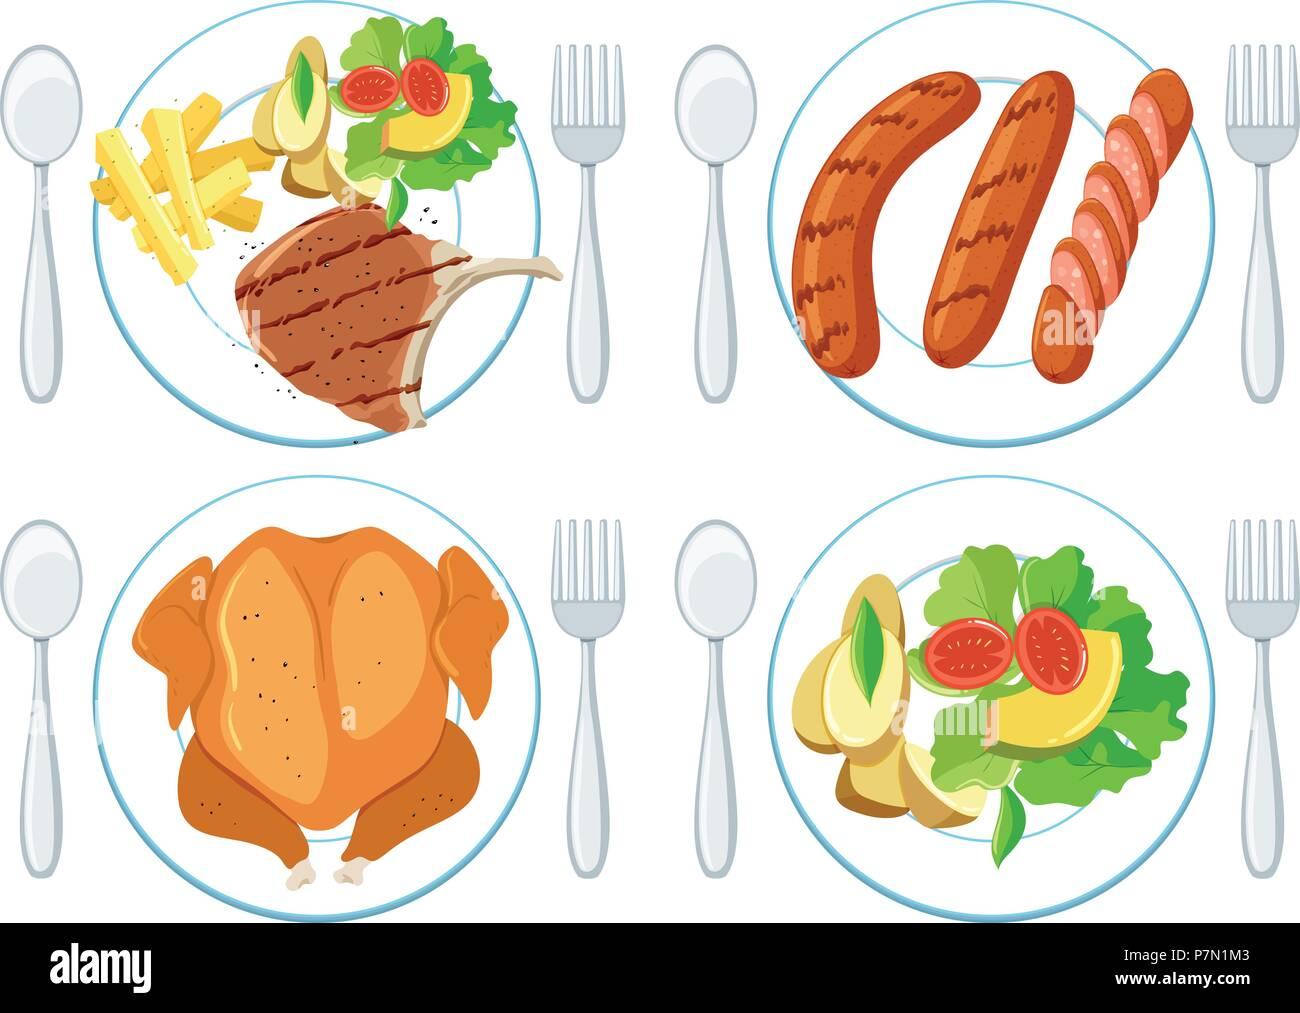 Eine Reihe von gesunden Lebensmitteln Abbildung Stockbild